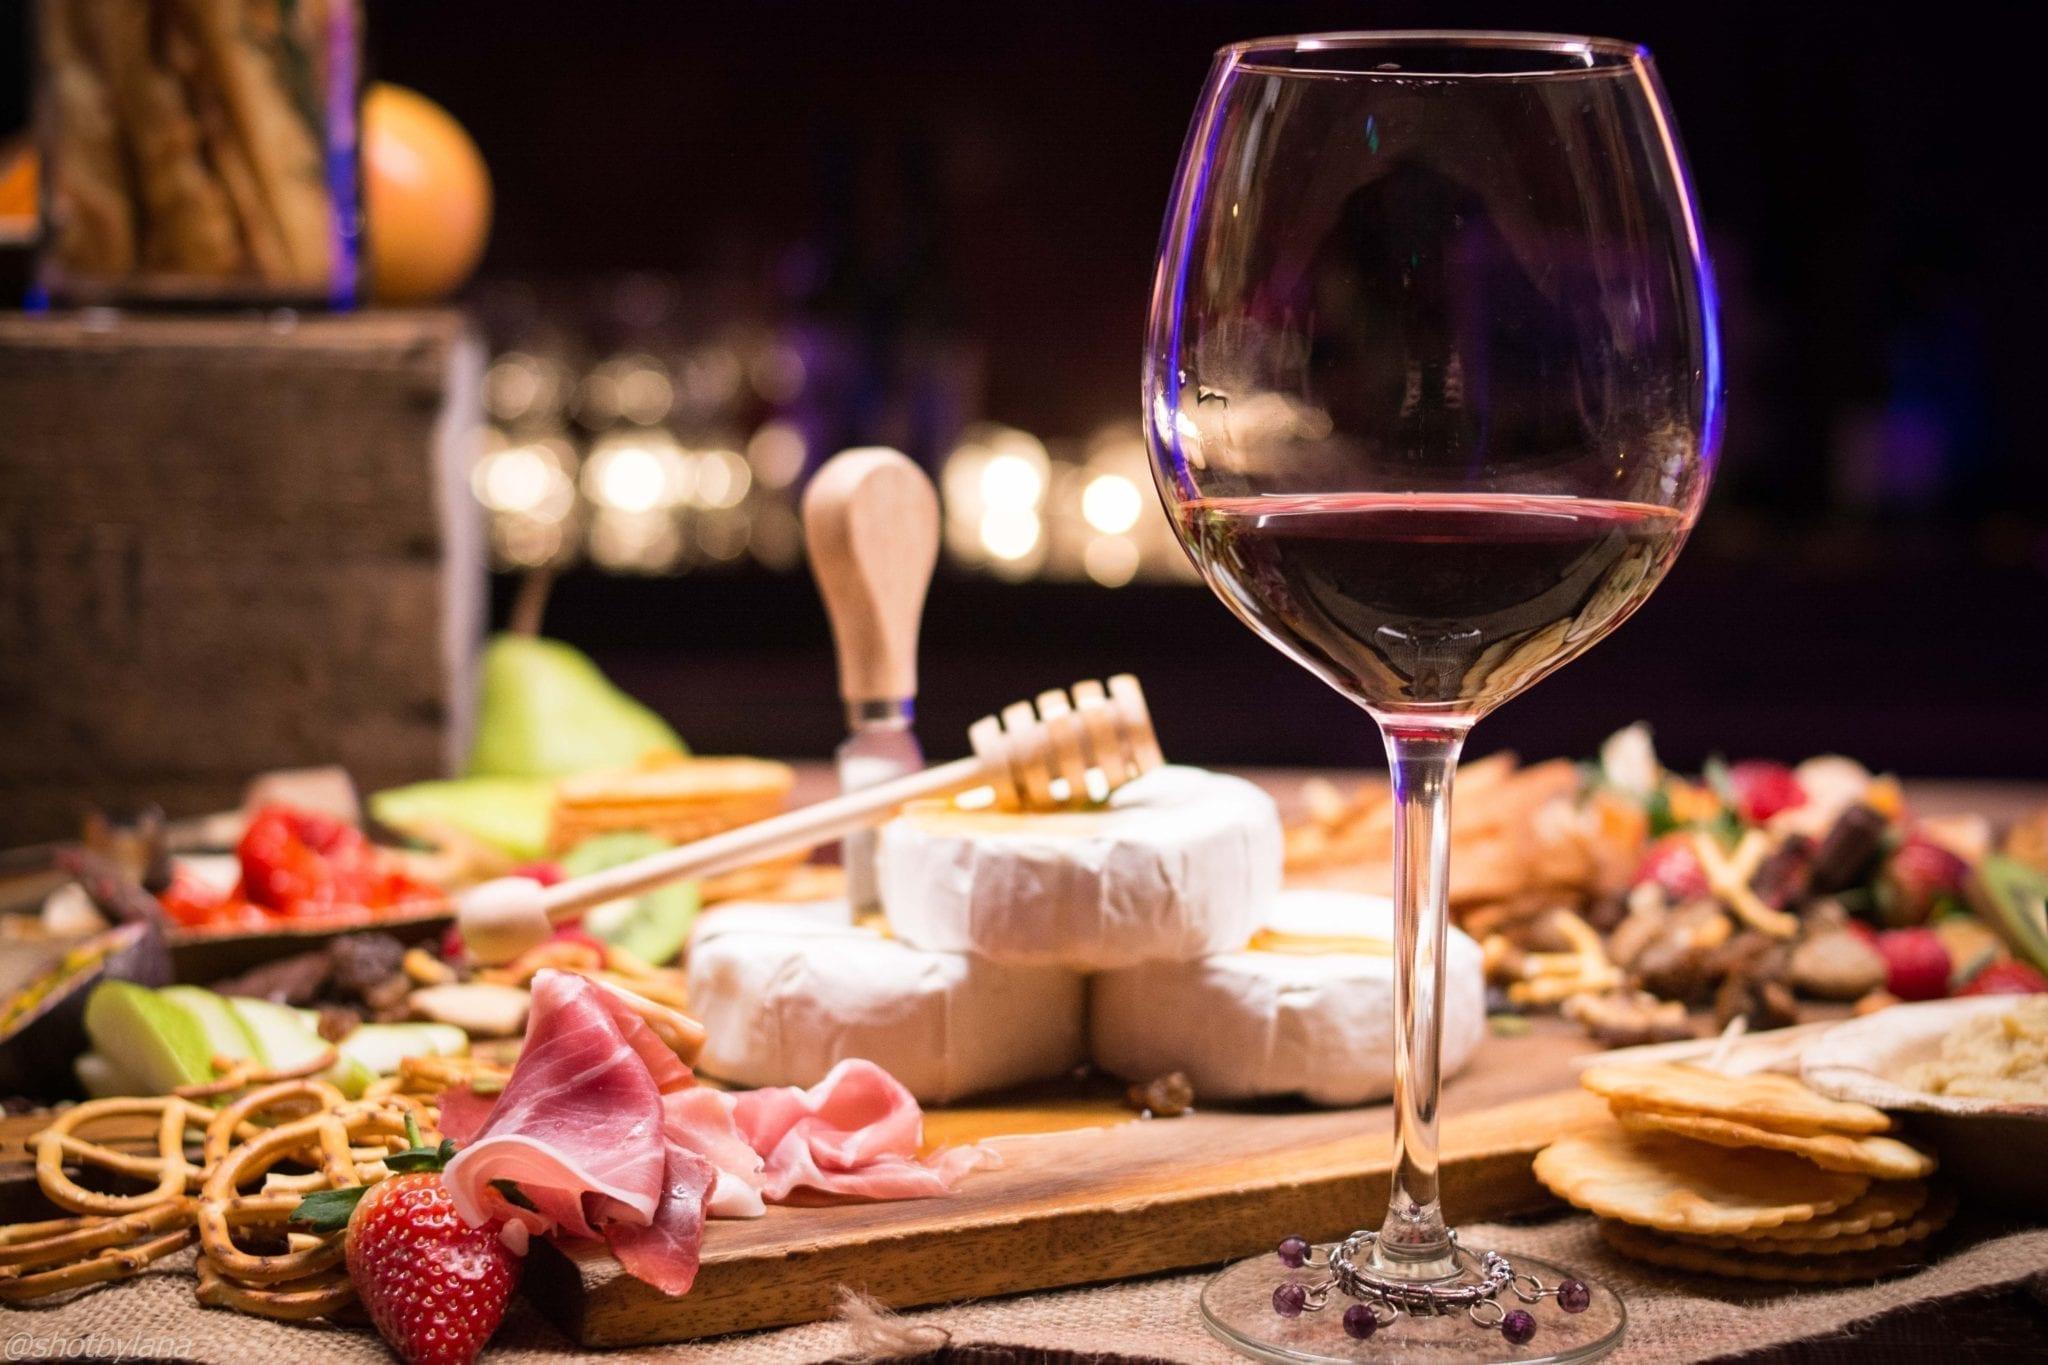 Organizzare un evento enogastronomico: mantenete il vino alla giusta temperatura e abbinatelo a dovere con il cibo.